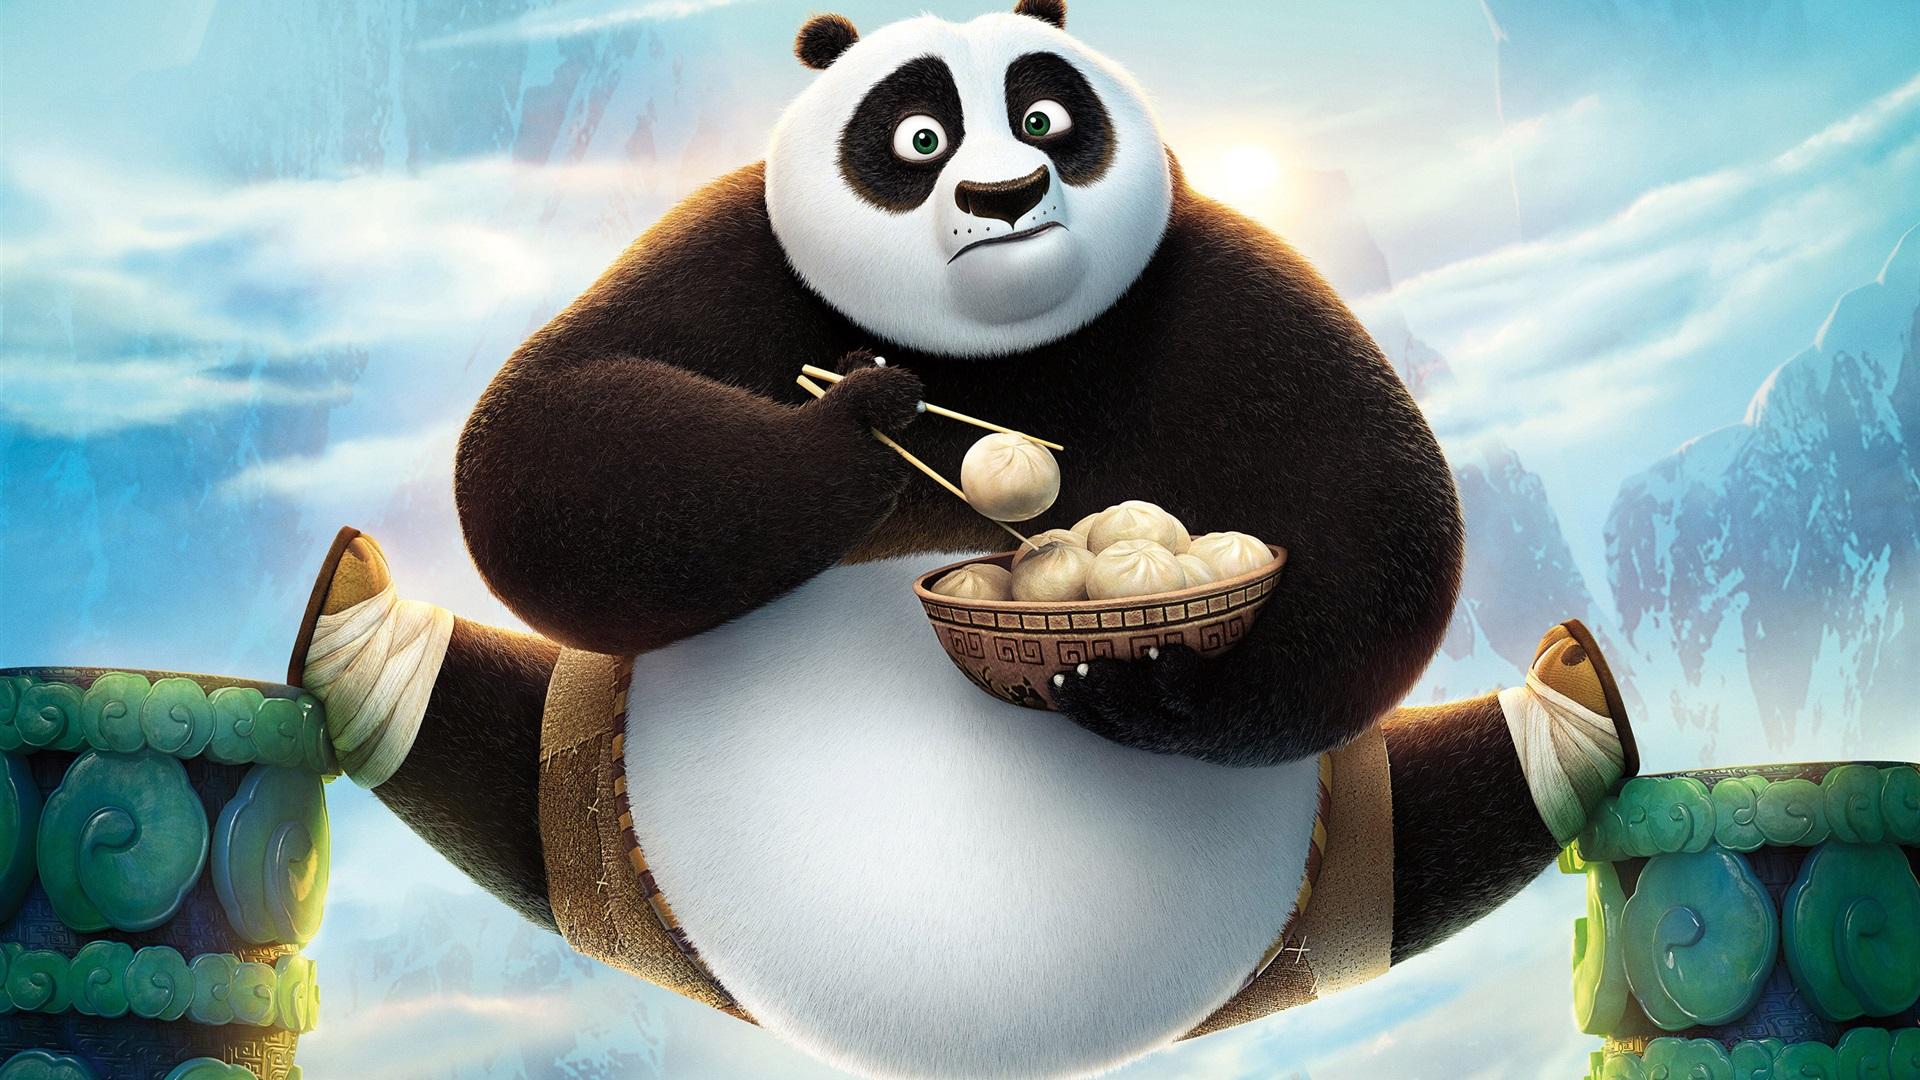 熊貓 3 桌布 1920x1080 全 高 清 桌布 描述 功夫 熊貓 3 ...